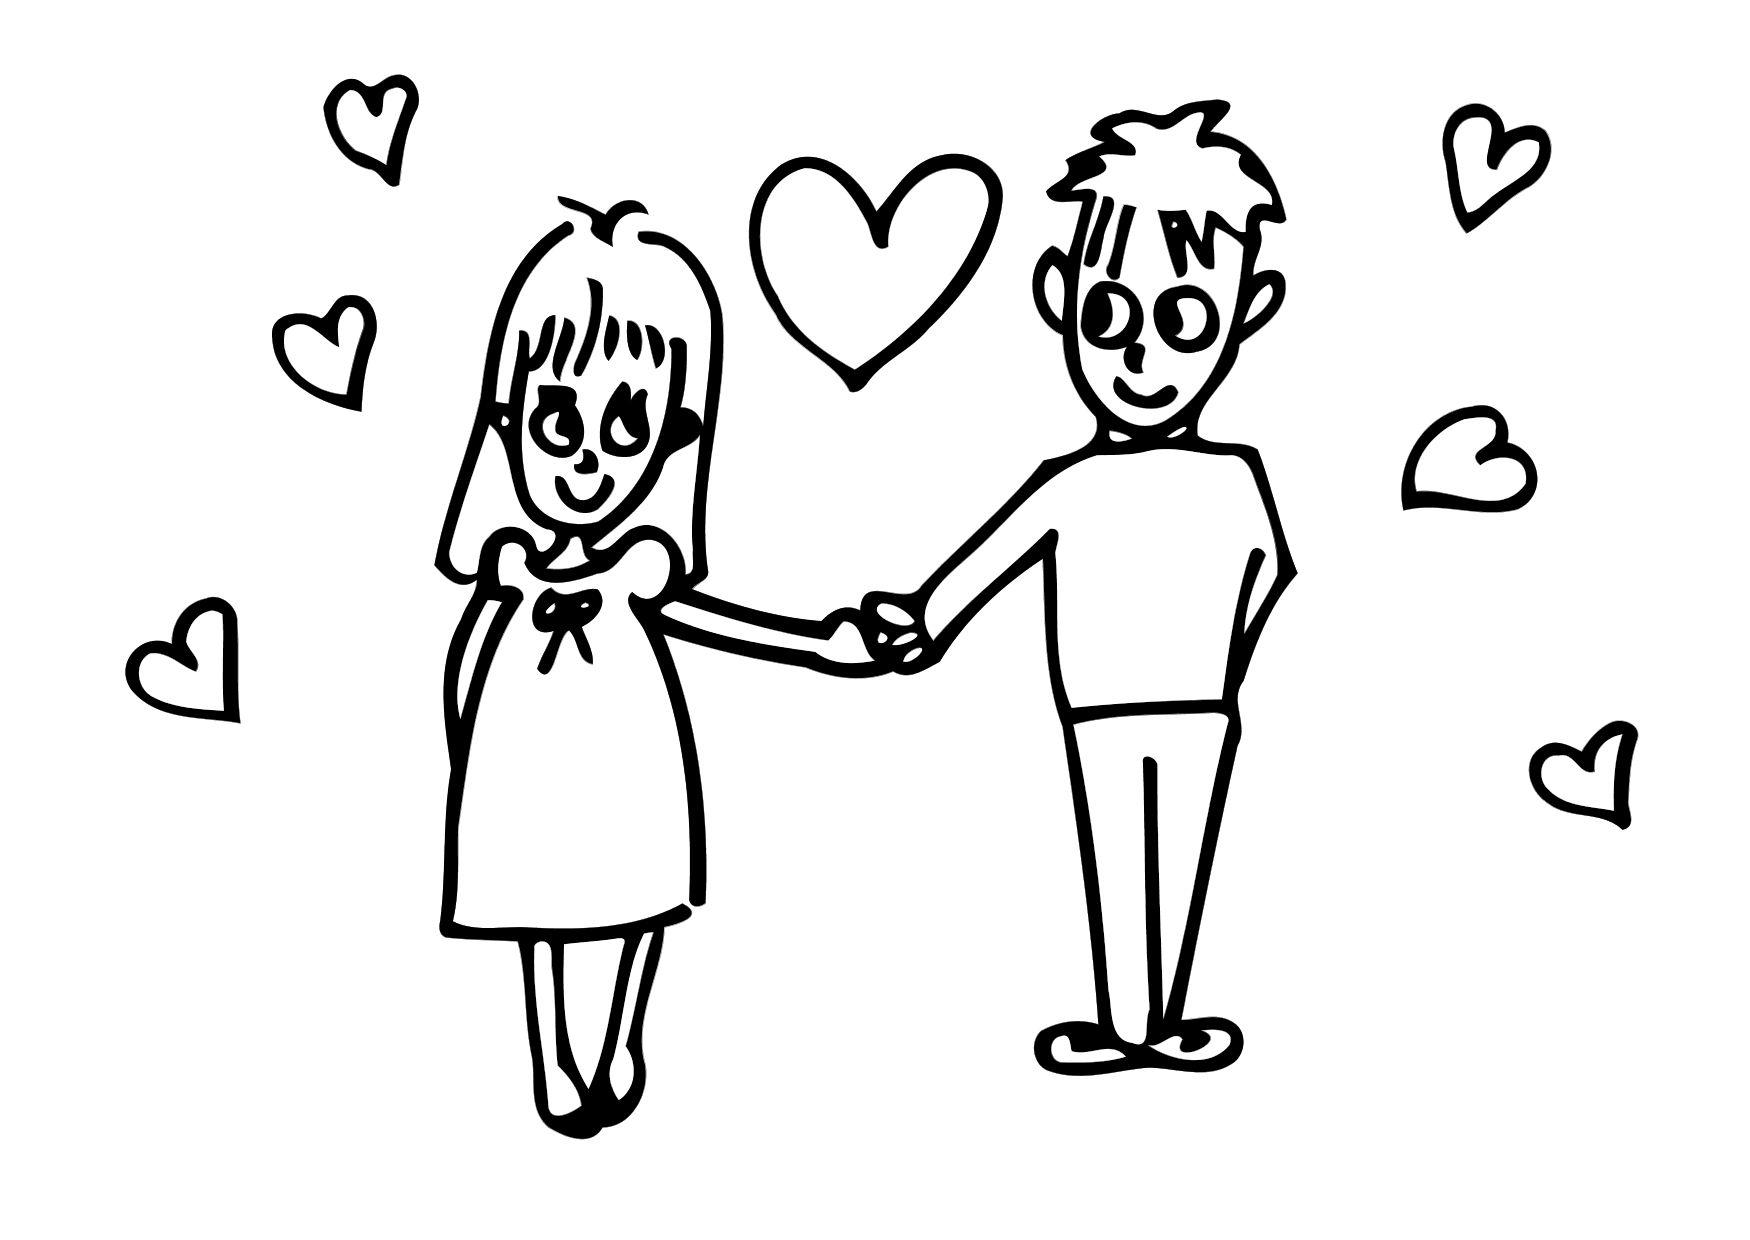 Malvorlage Liebe | Ausmalbild 20623.